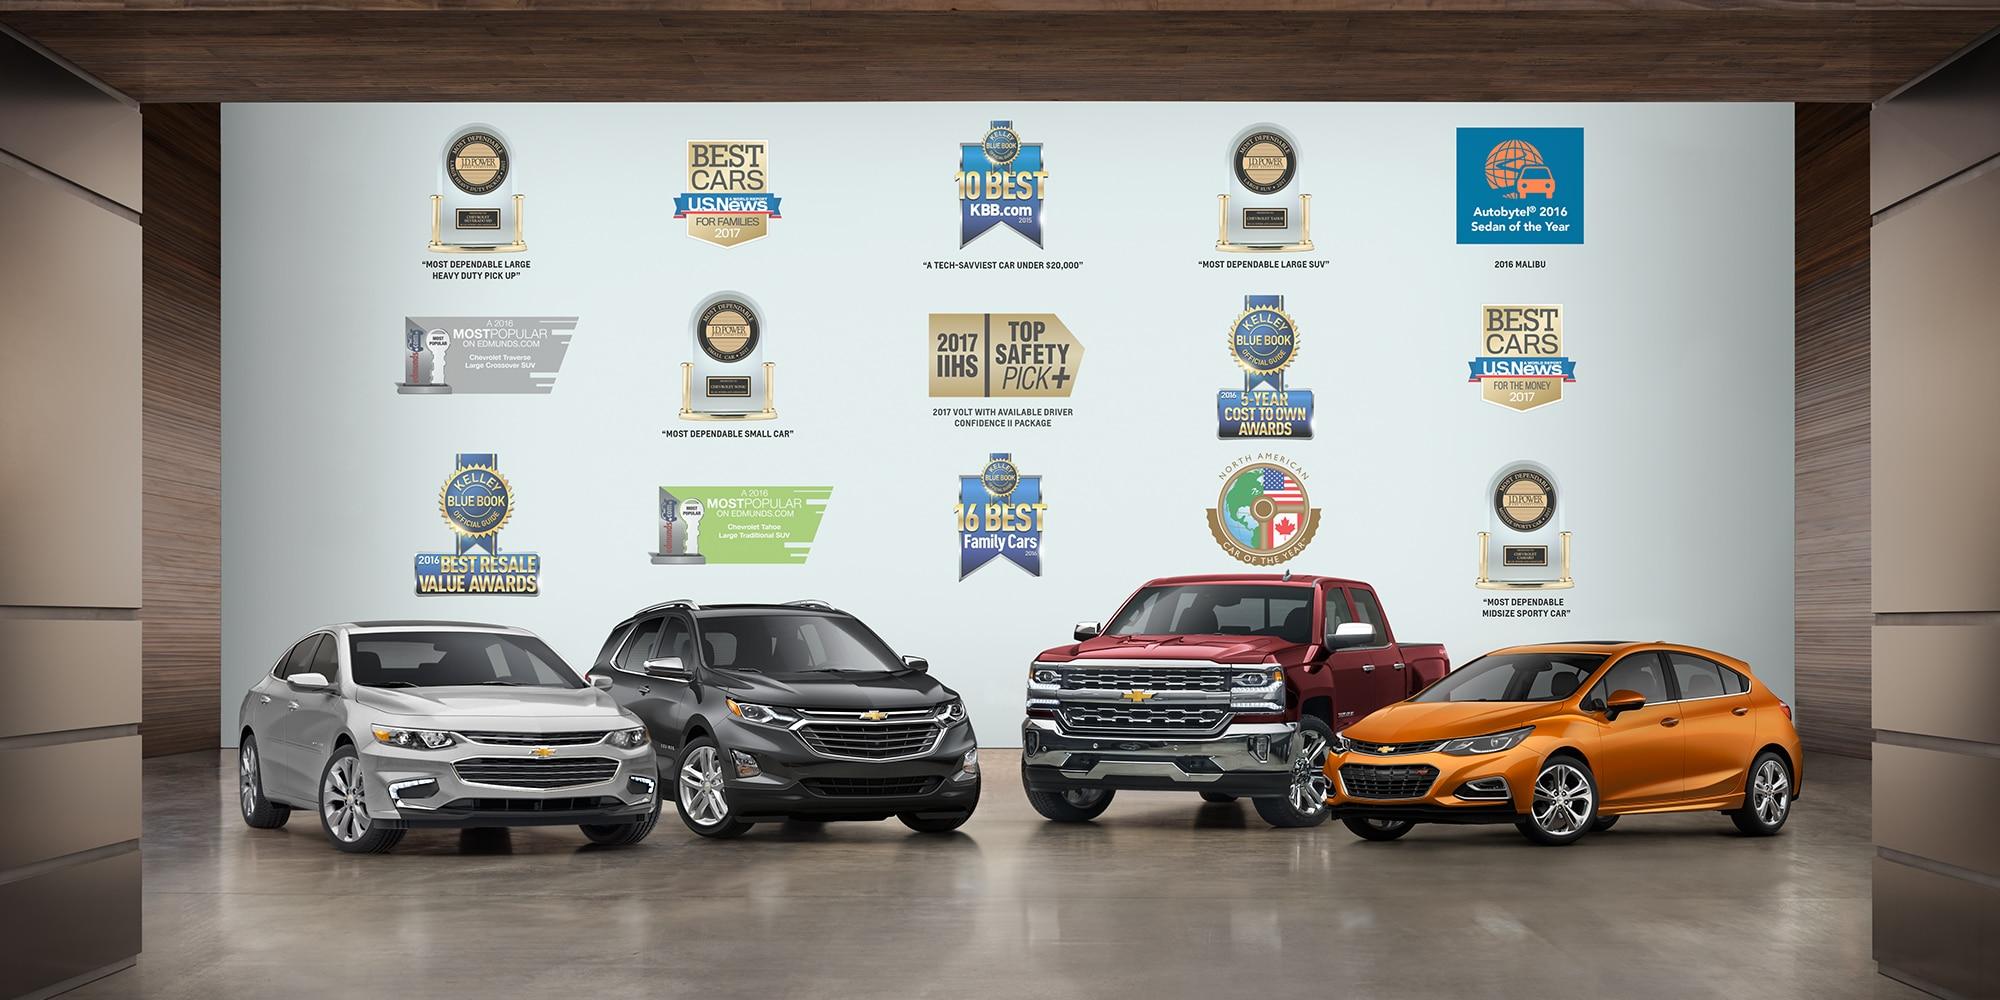 La más premiada: Malibu, Equinox, Silverado, Cruze Hatchback